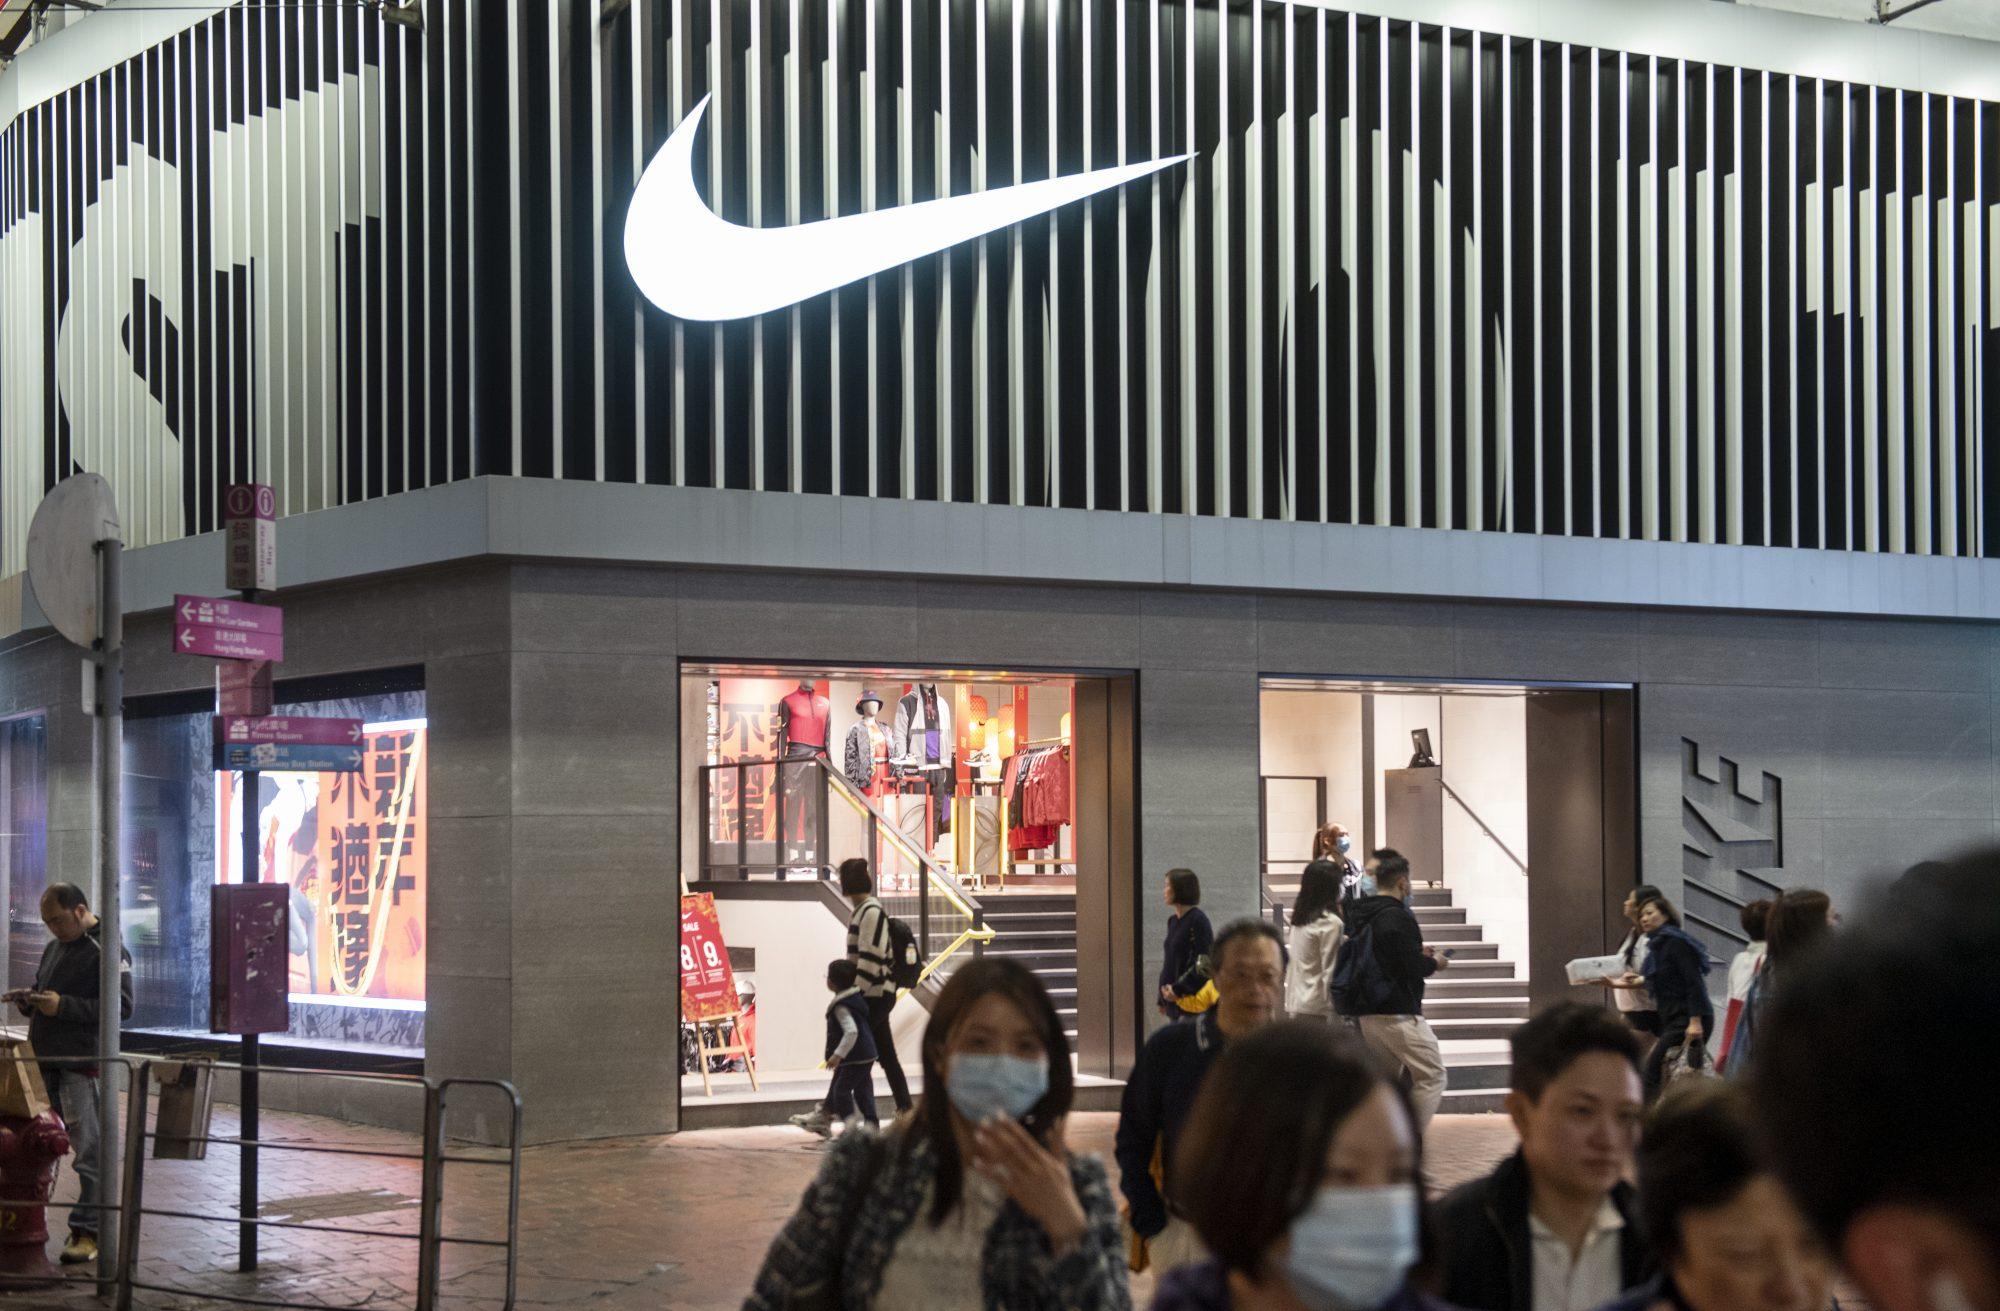 Brands and business lin Hong Kong, China